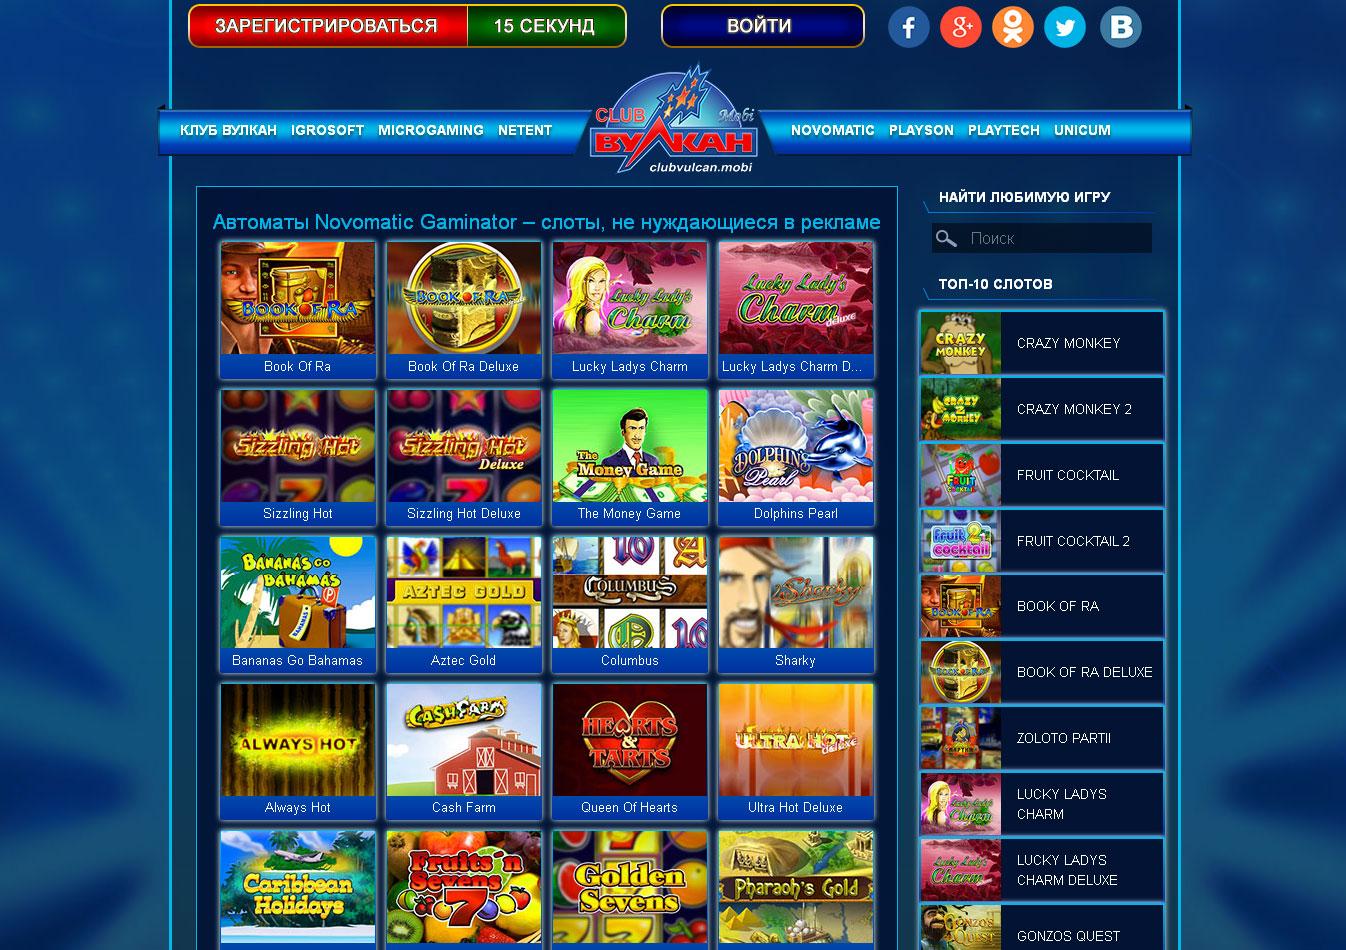 Востребованные игровые автоматы в казино